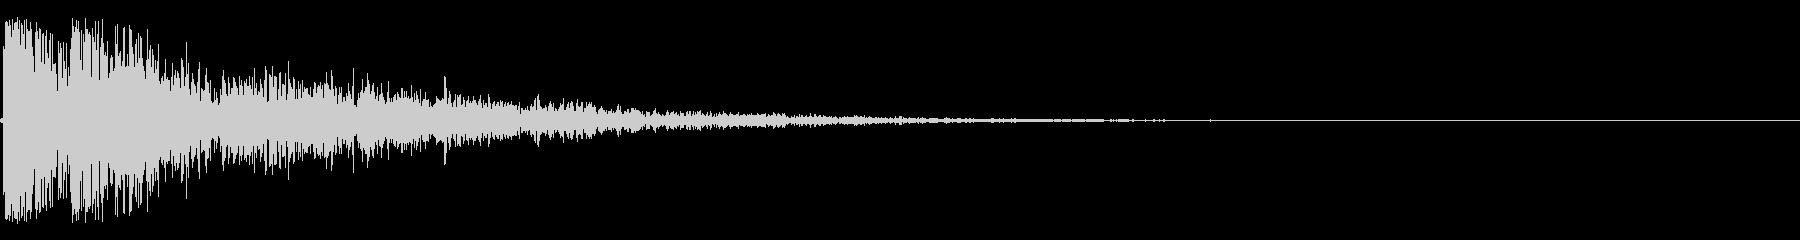 カコーンという余韻短めの木の和風SEですの未再生の波形